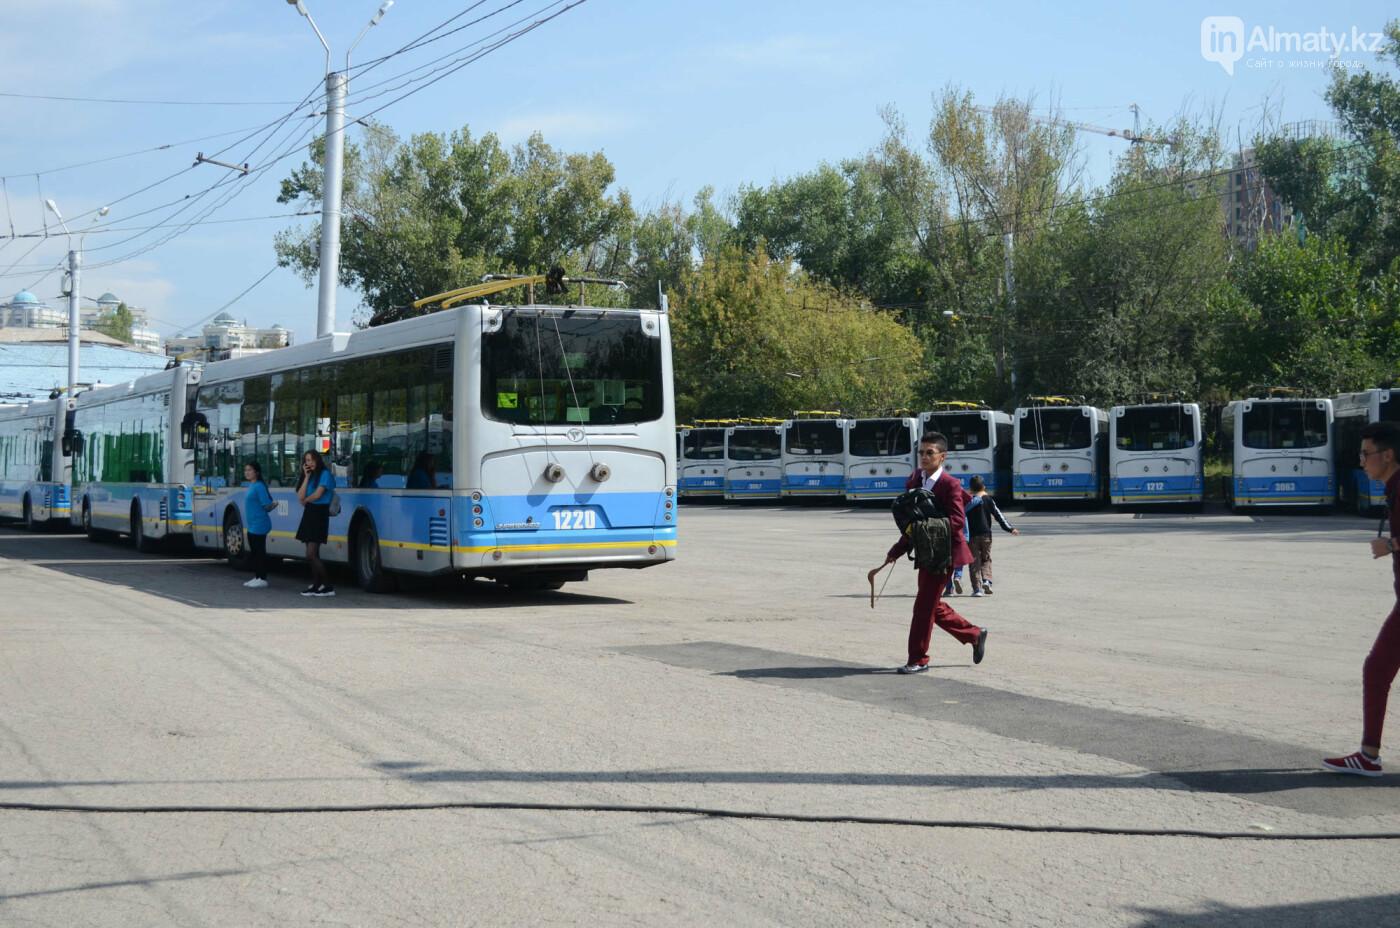 Юбилей троллейбуса отметили в Алматы (фото), фото-5